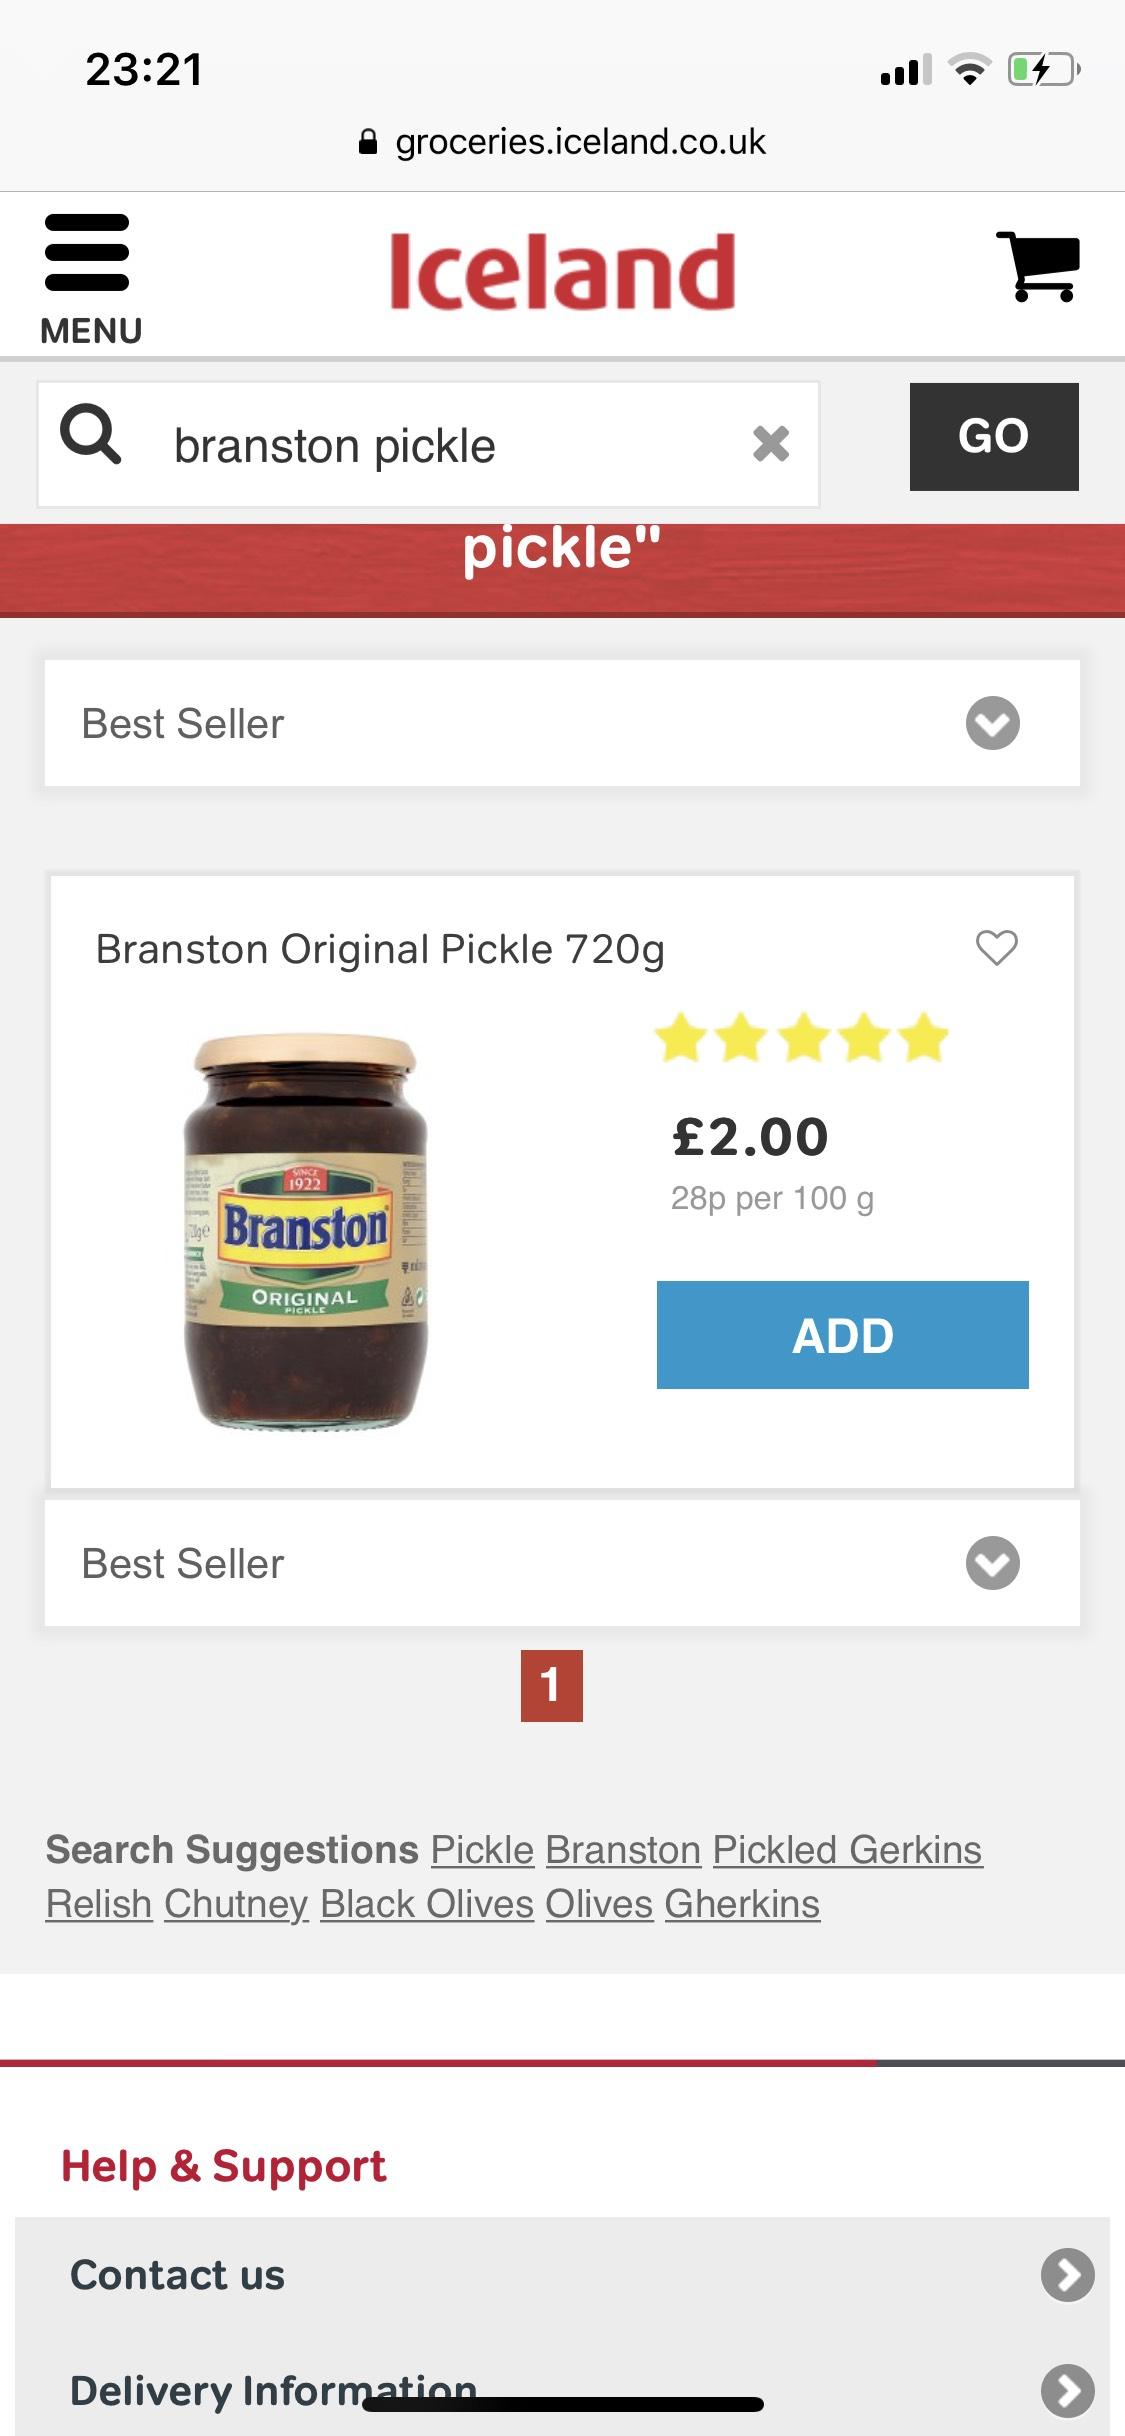 Branston original pickle 720g £2 Iceland